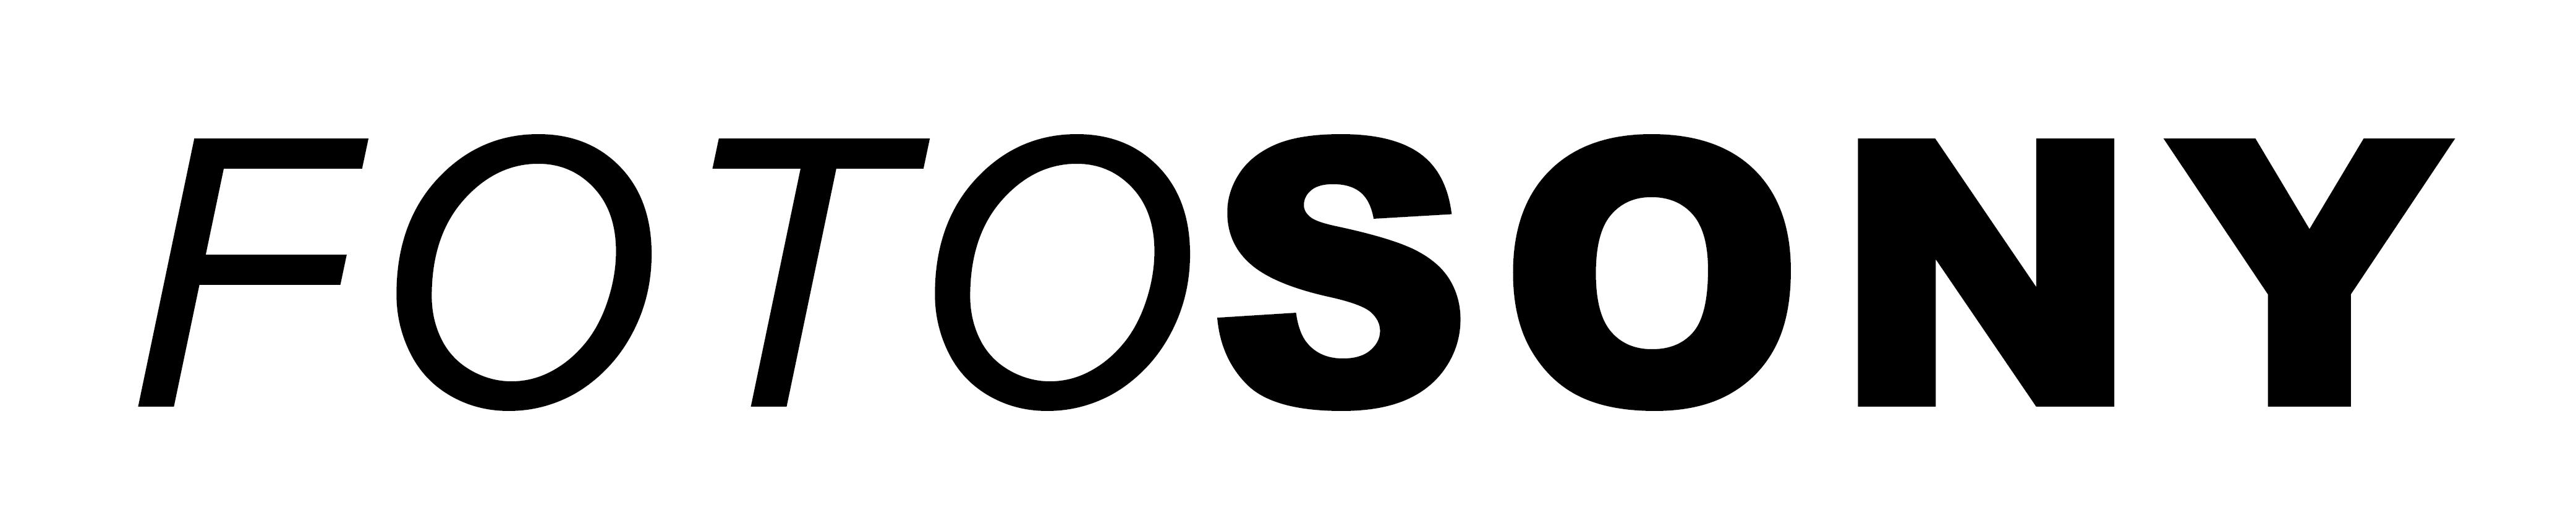 FOTOSONY.cz